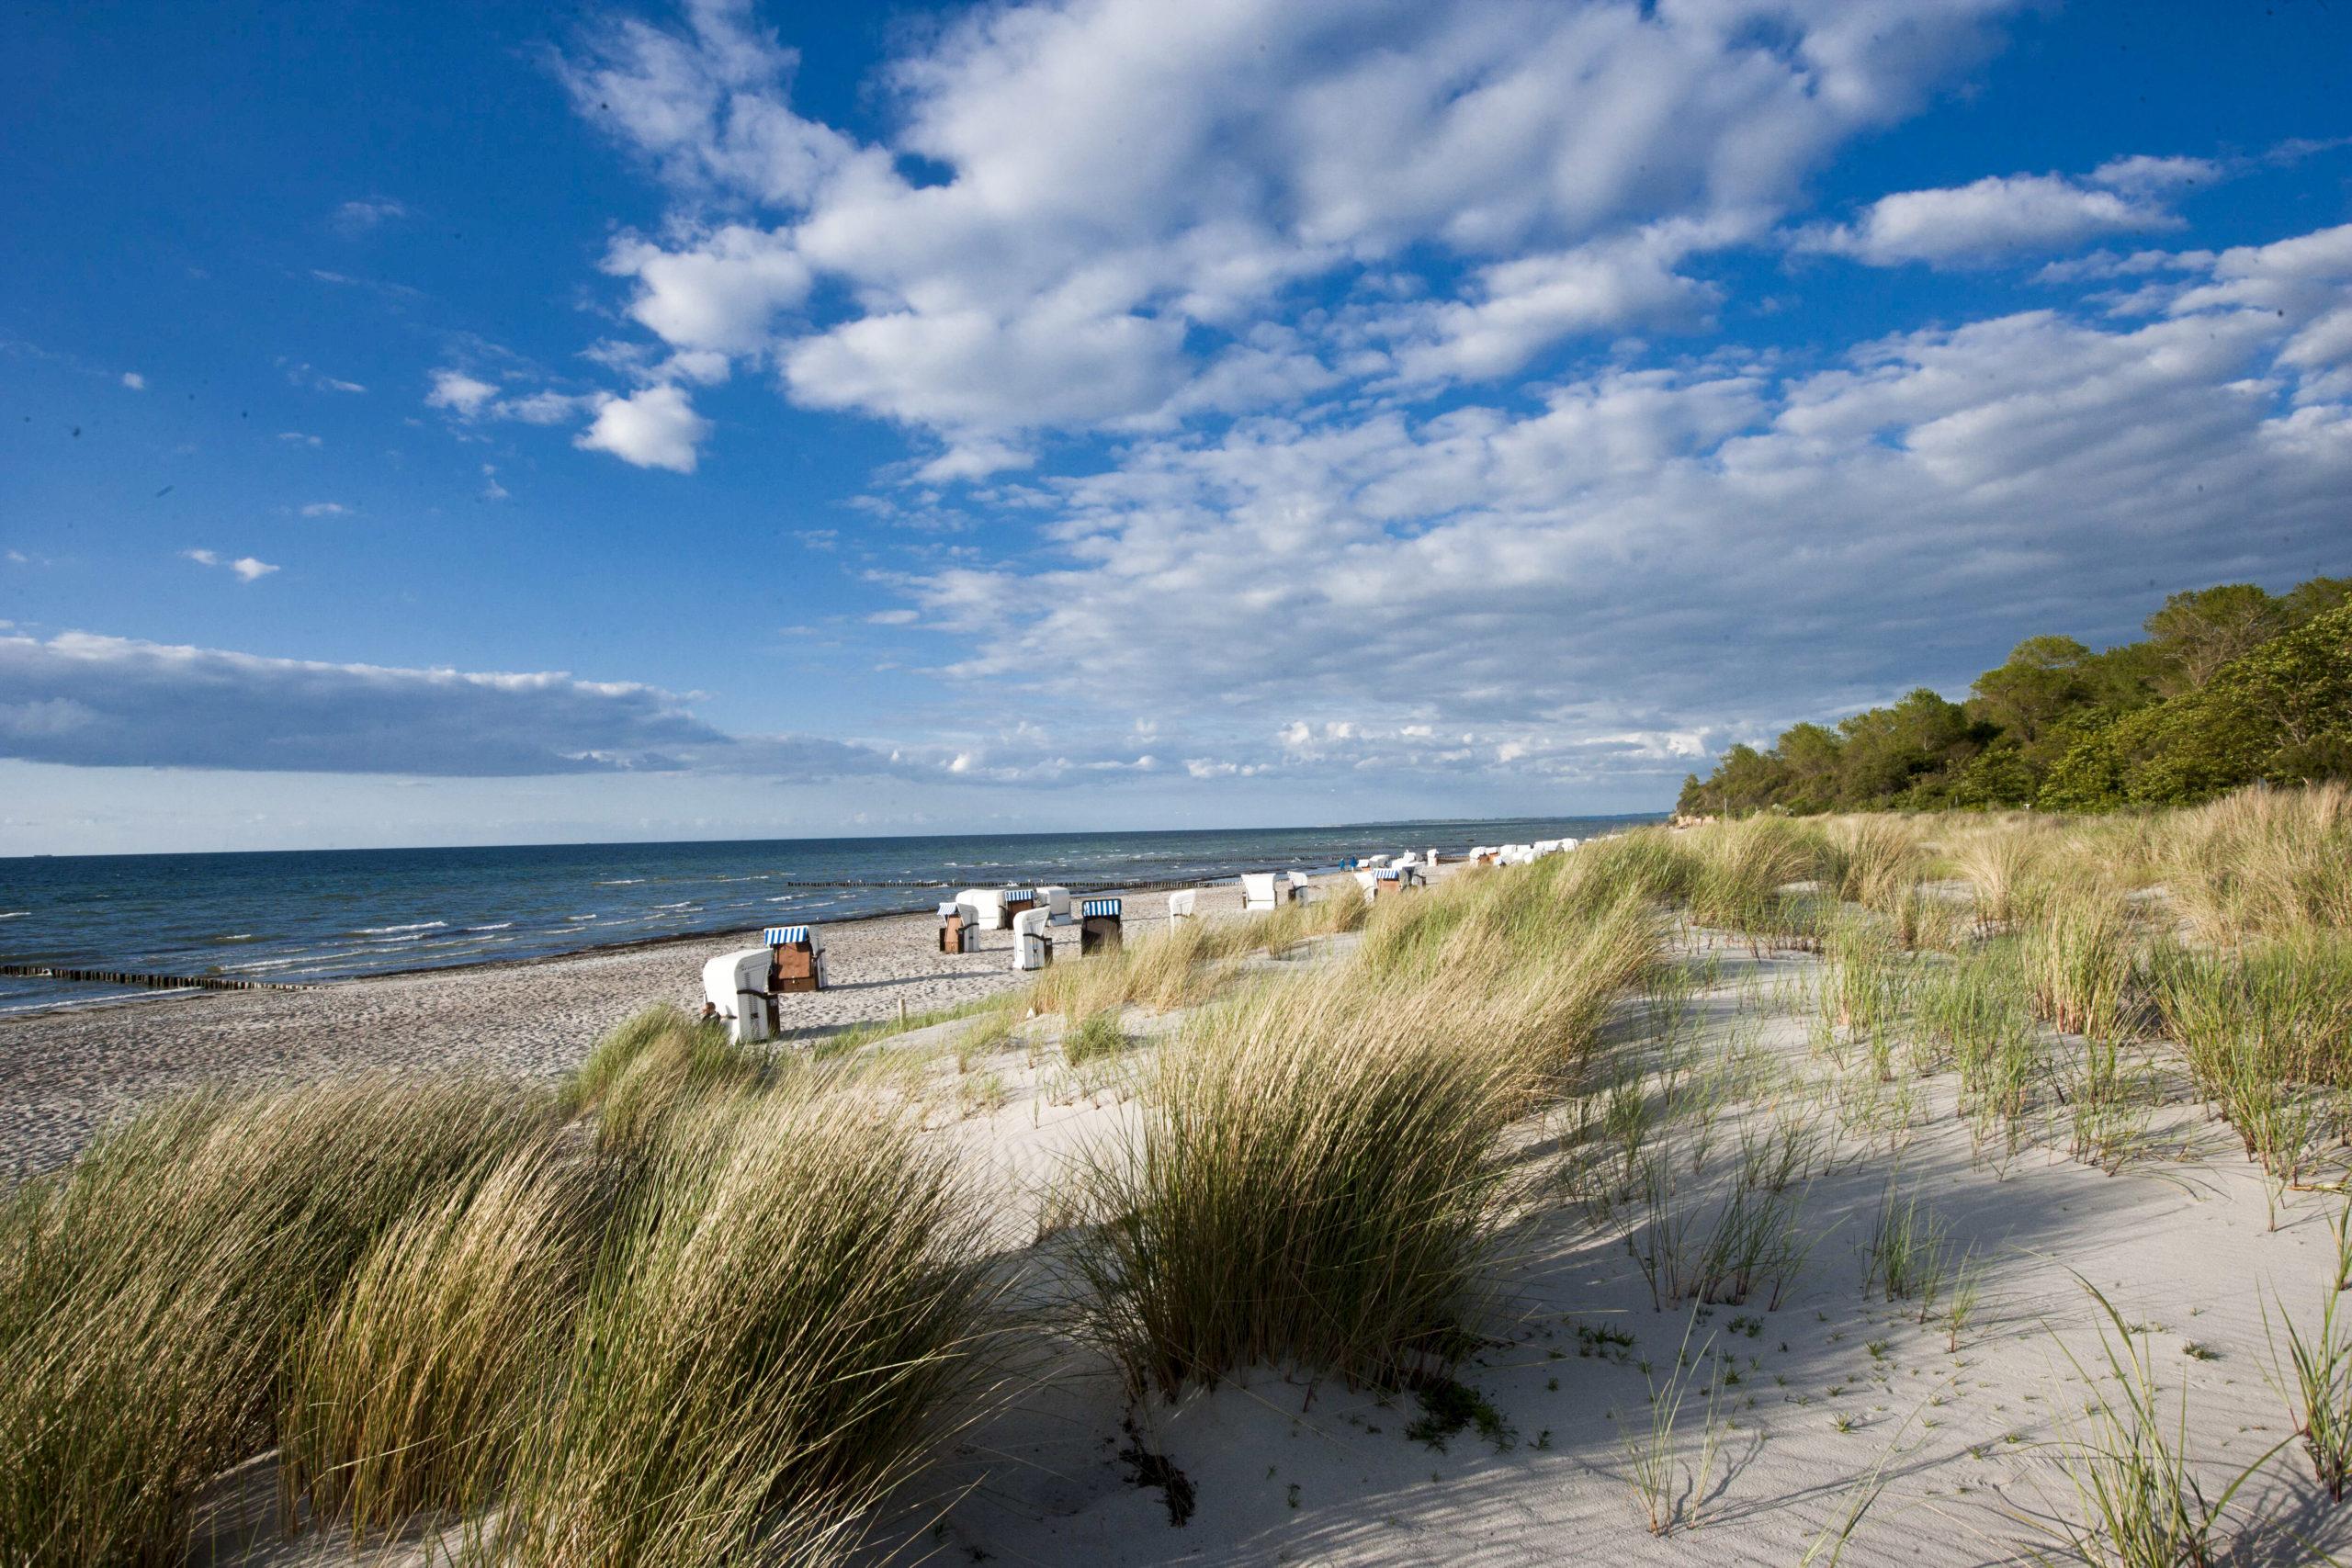 Schönste Strände Ostsee Früher soll sich hier Klaus Störtebeker mit Schiff und Mannschaft herumgetrieben haben, heute ist der Strand Gollwitz Touristen und Anwohner:innen mit seinen weißen Sandbänken.